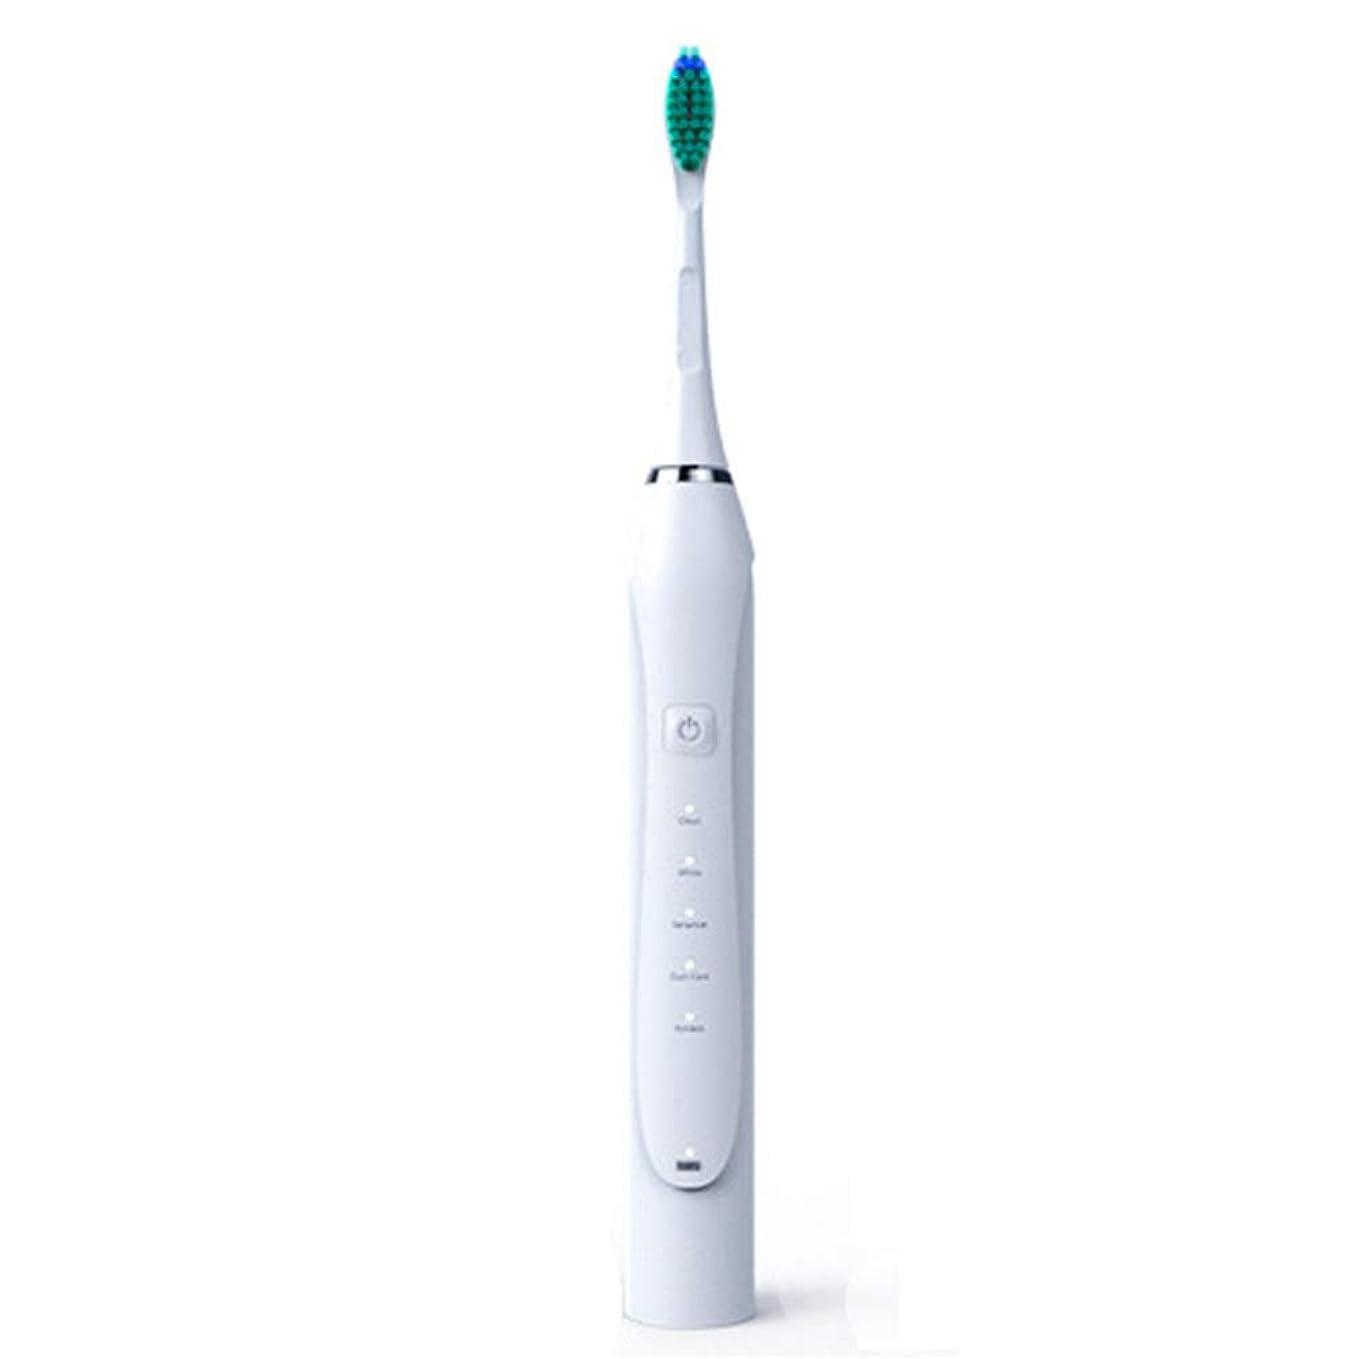 リネン誤解を招くピカソ電動歯ブラシ、ソニック電動歯ブラシ誘導大人充電式振動ソフトヘア自動USB充電,白,1Pcs